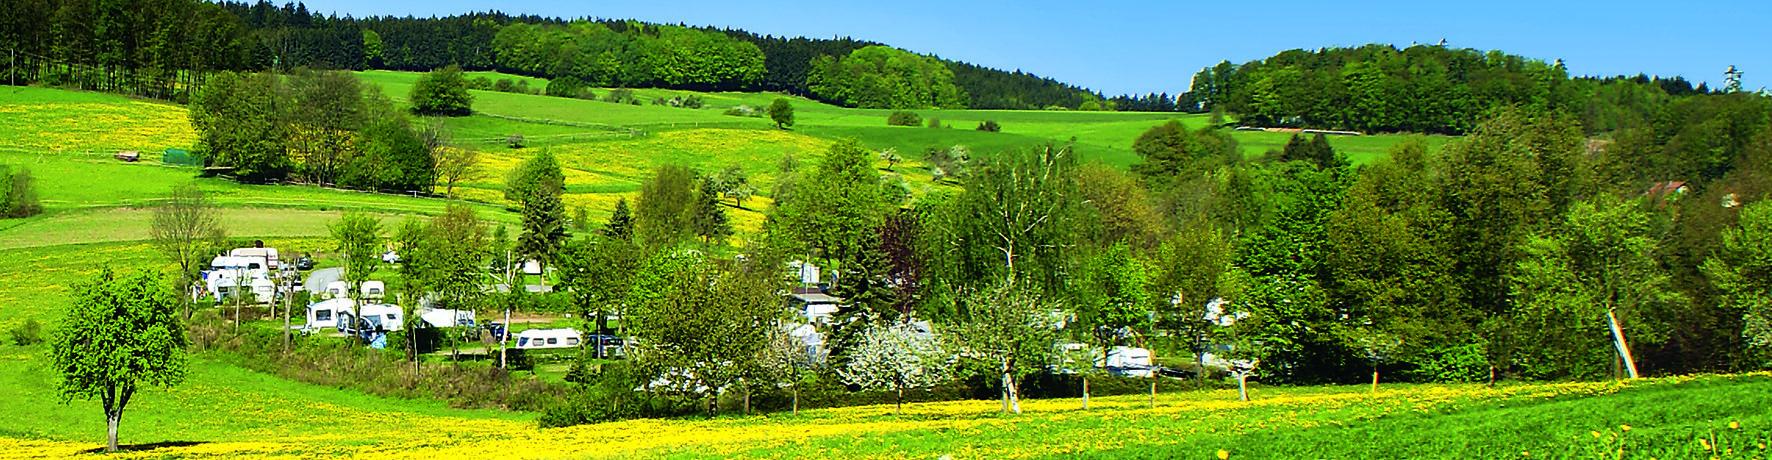 Campingpark Hammelbach in Grasellenbach is een kleinschalige charme camping met zwembad midden in het hart van het Odenwald op het platteland in de deelstaat Hessen.